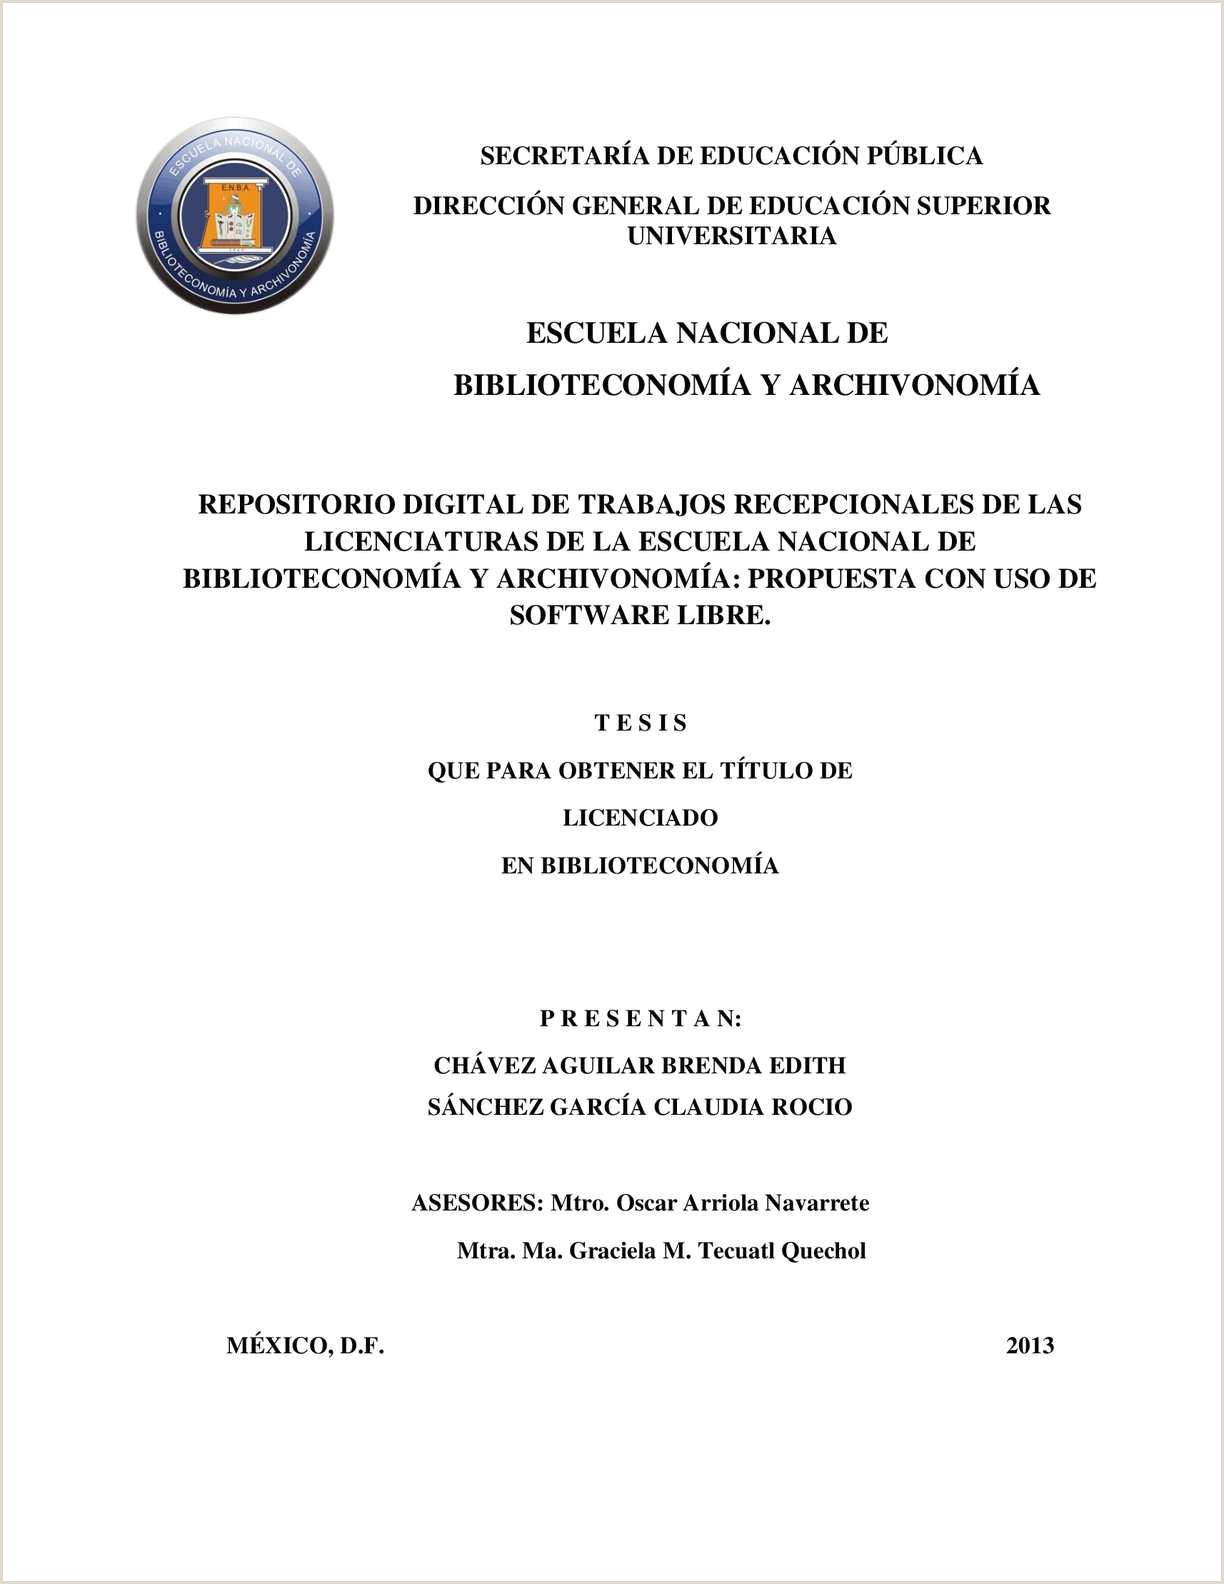 Formato Hoja De Vida Universidad Javeriana Calaméo Chavez Y Sanchez Tesis 2013